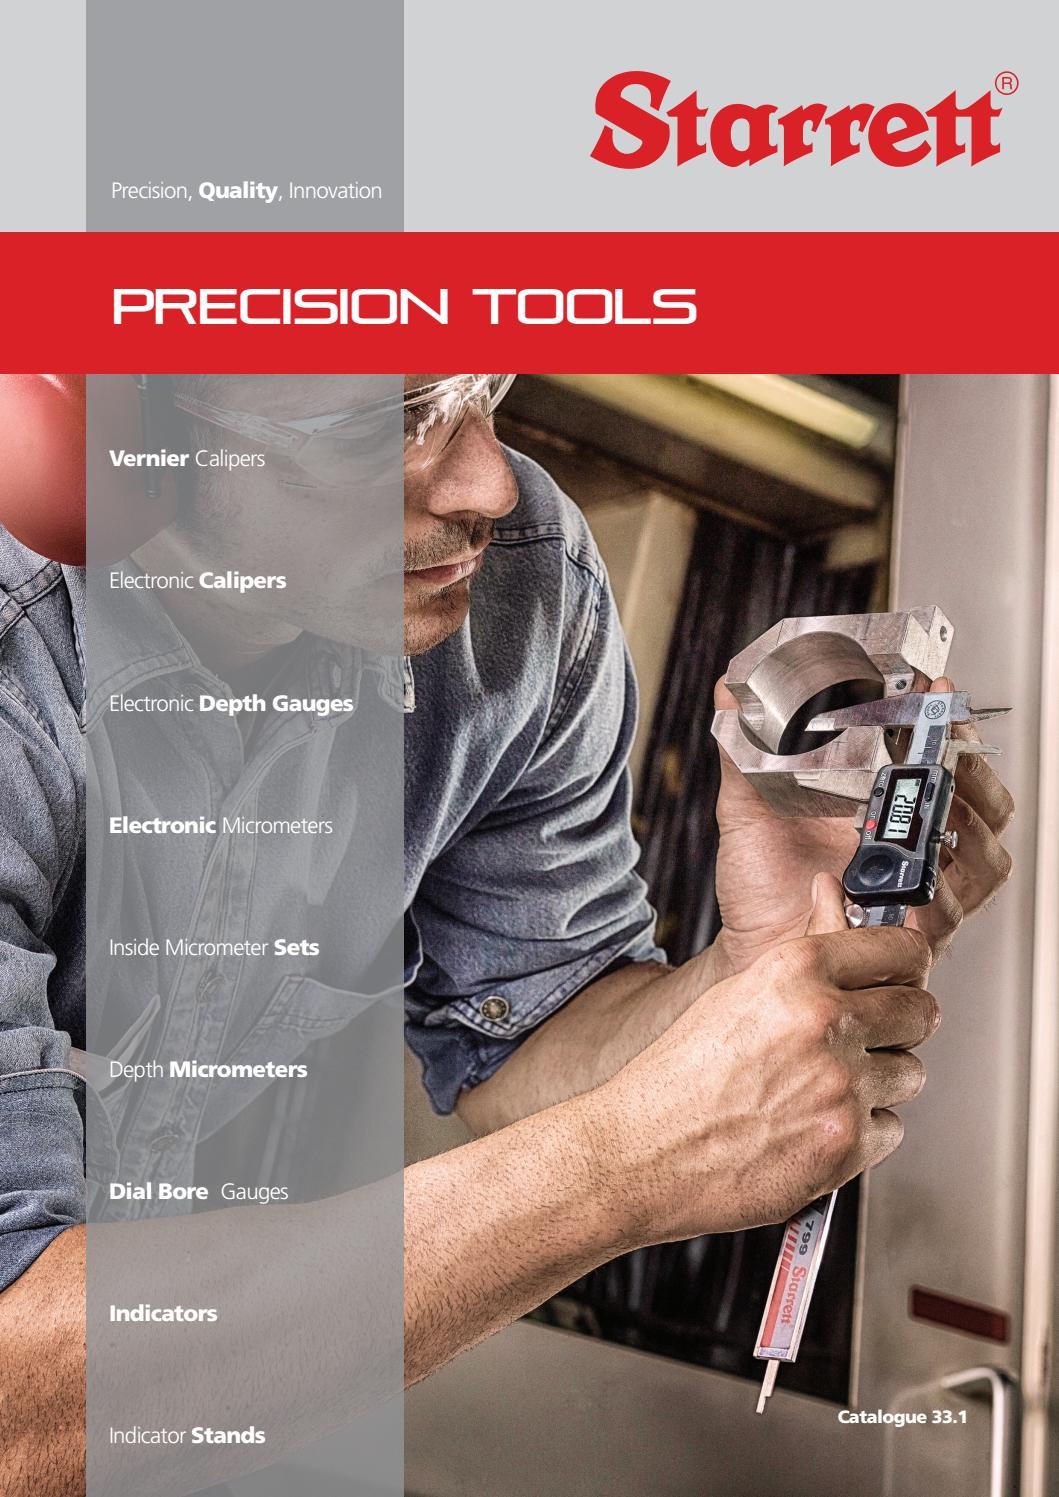 starrett 196 dial indicator parts diagram starrett precision tools catalogue by the l s starrett company  starrett precision tools catalogue by